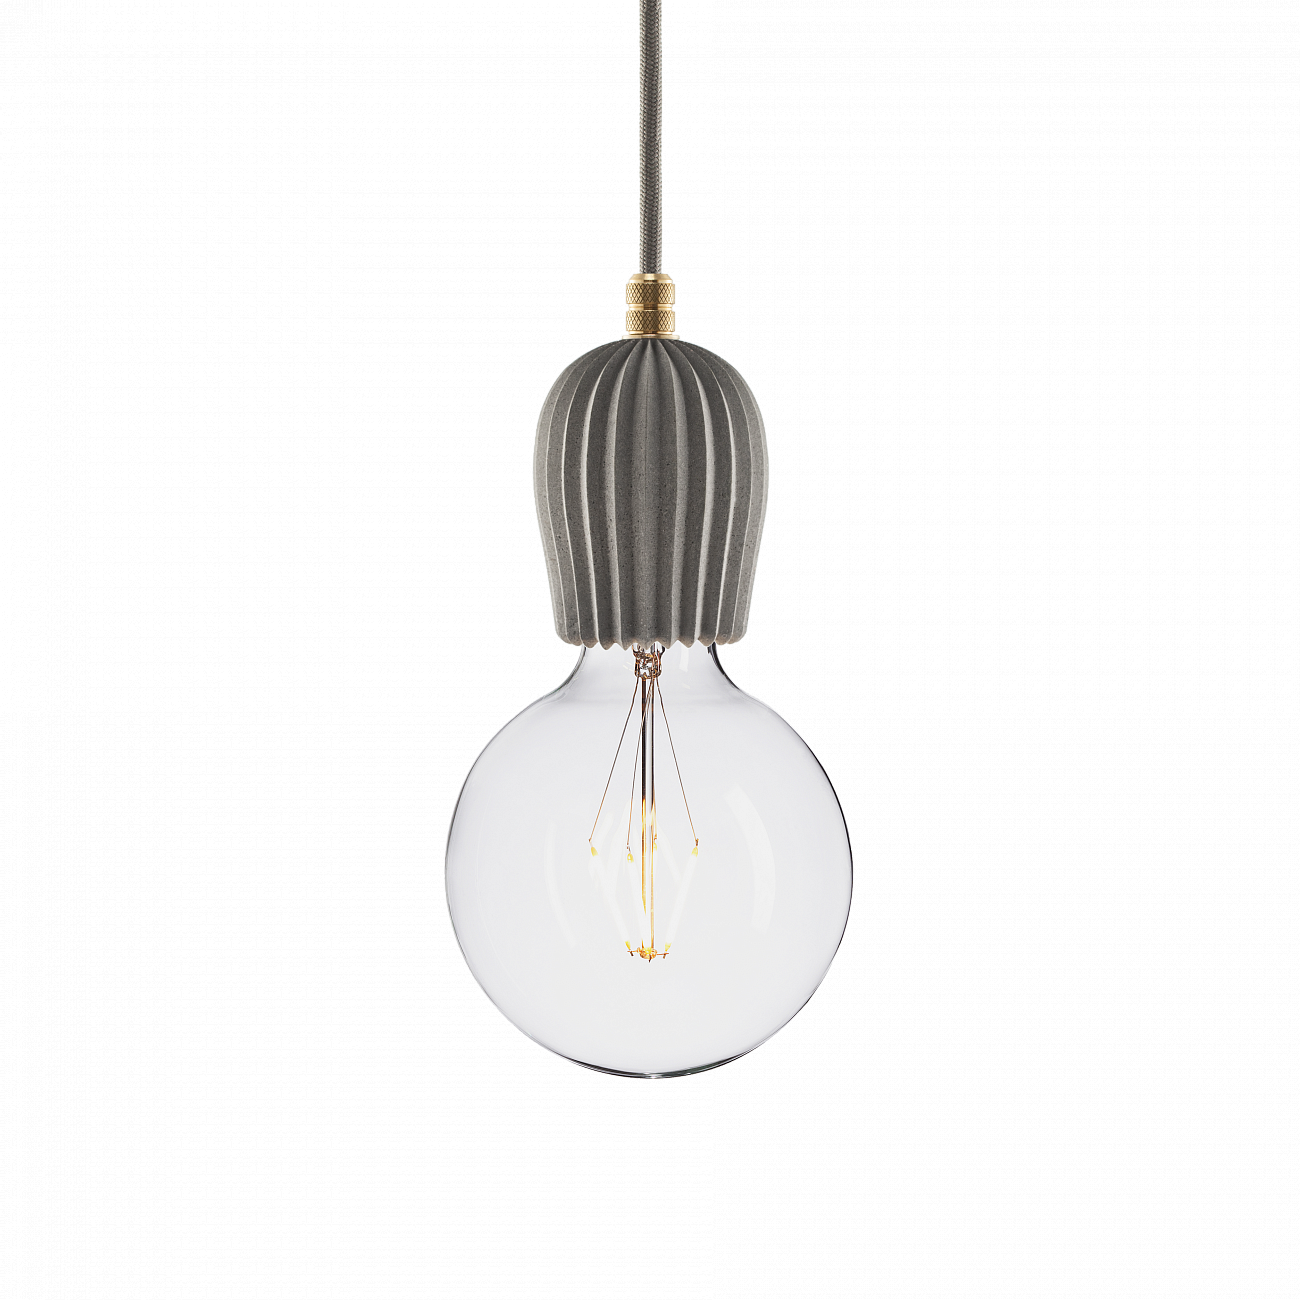 Купить Подвесной светильник BETON RIB GRAY BRASS в интернет магазине дизайнерской мебели и аксессуаров для дома и дачи